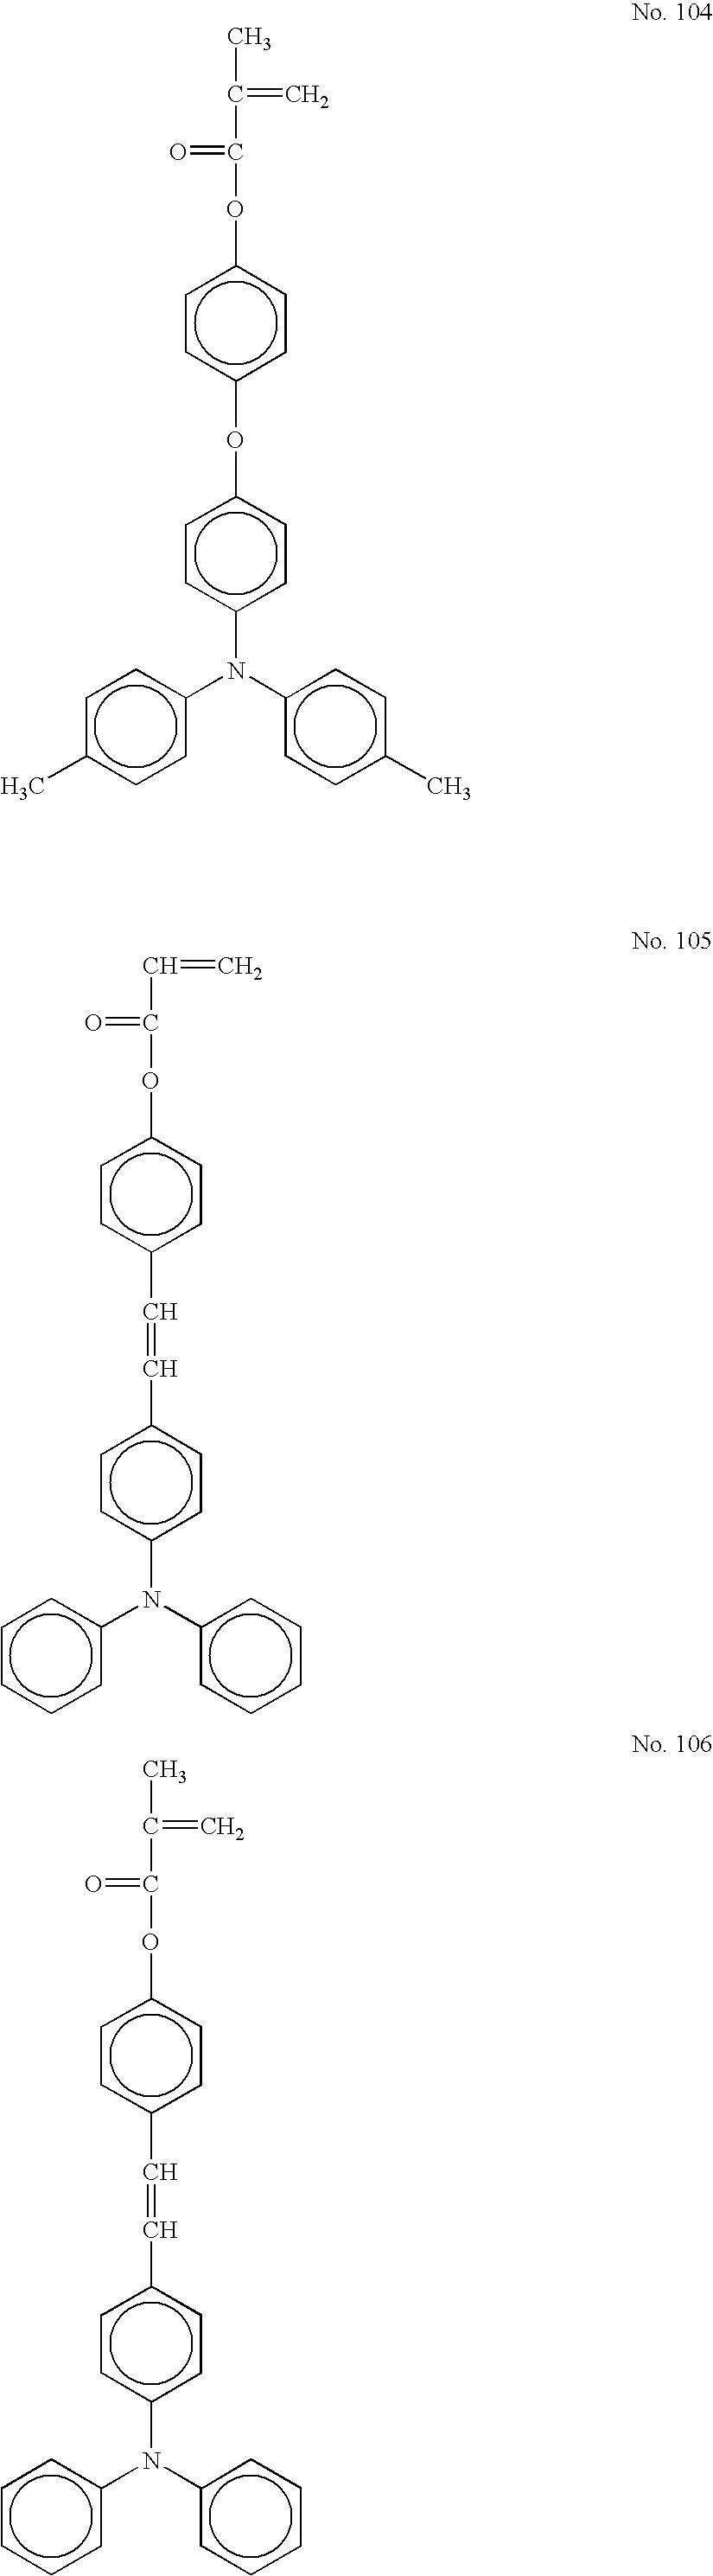 Figure US20050175911A1-20050811-C00037